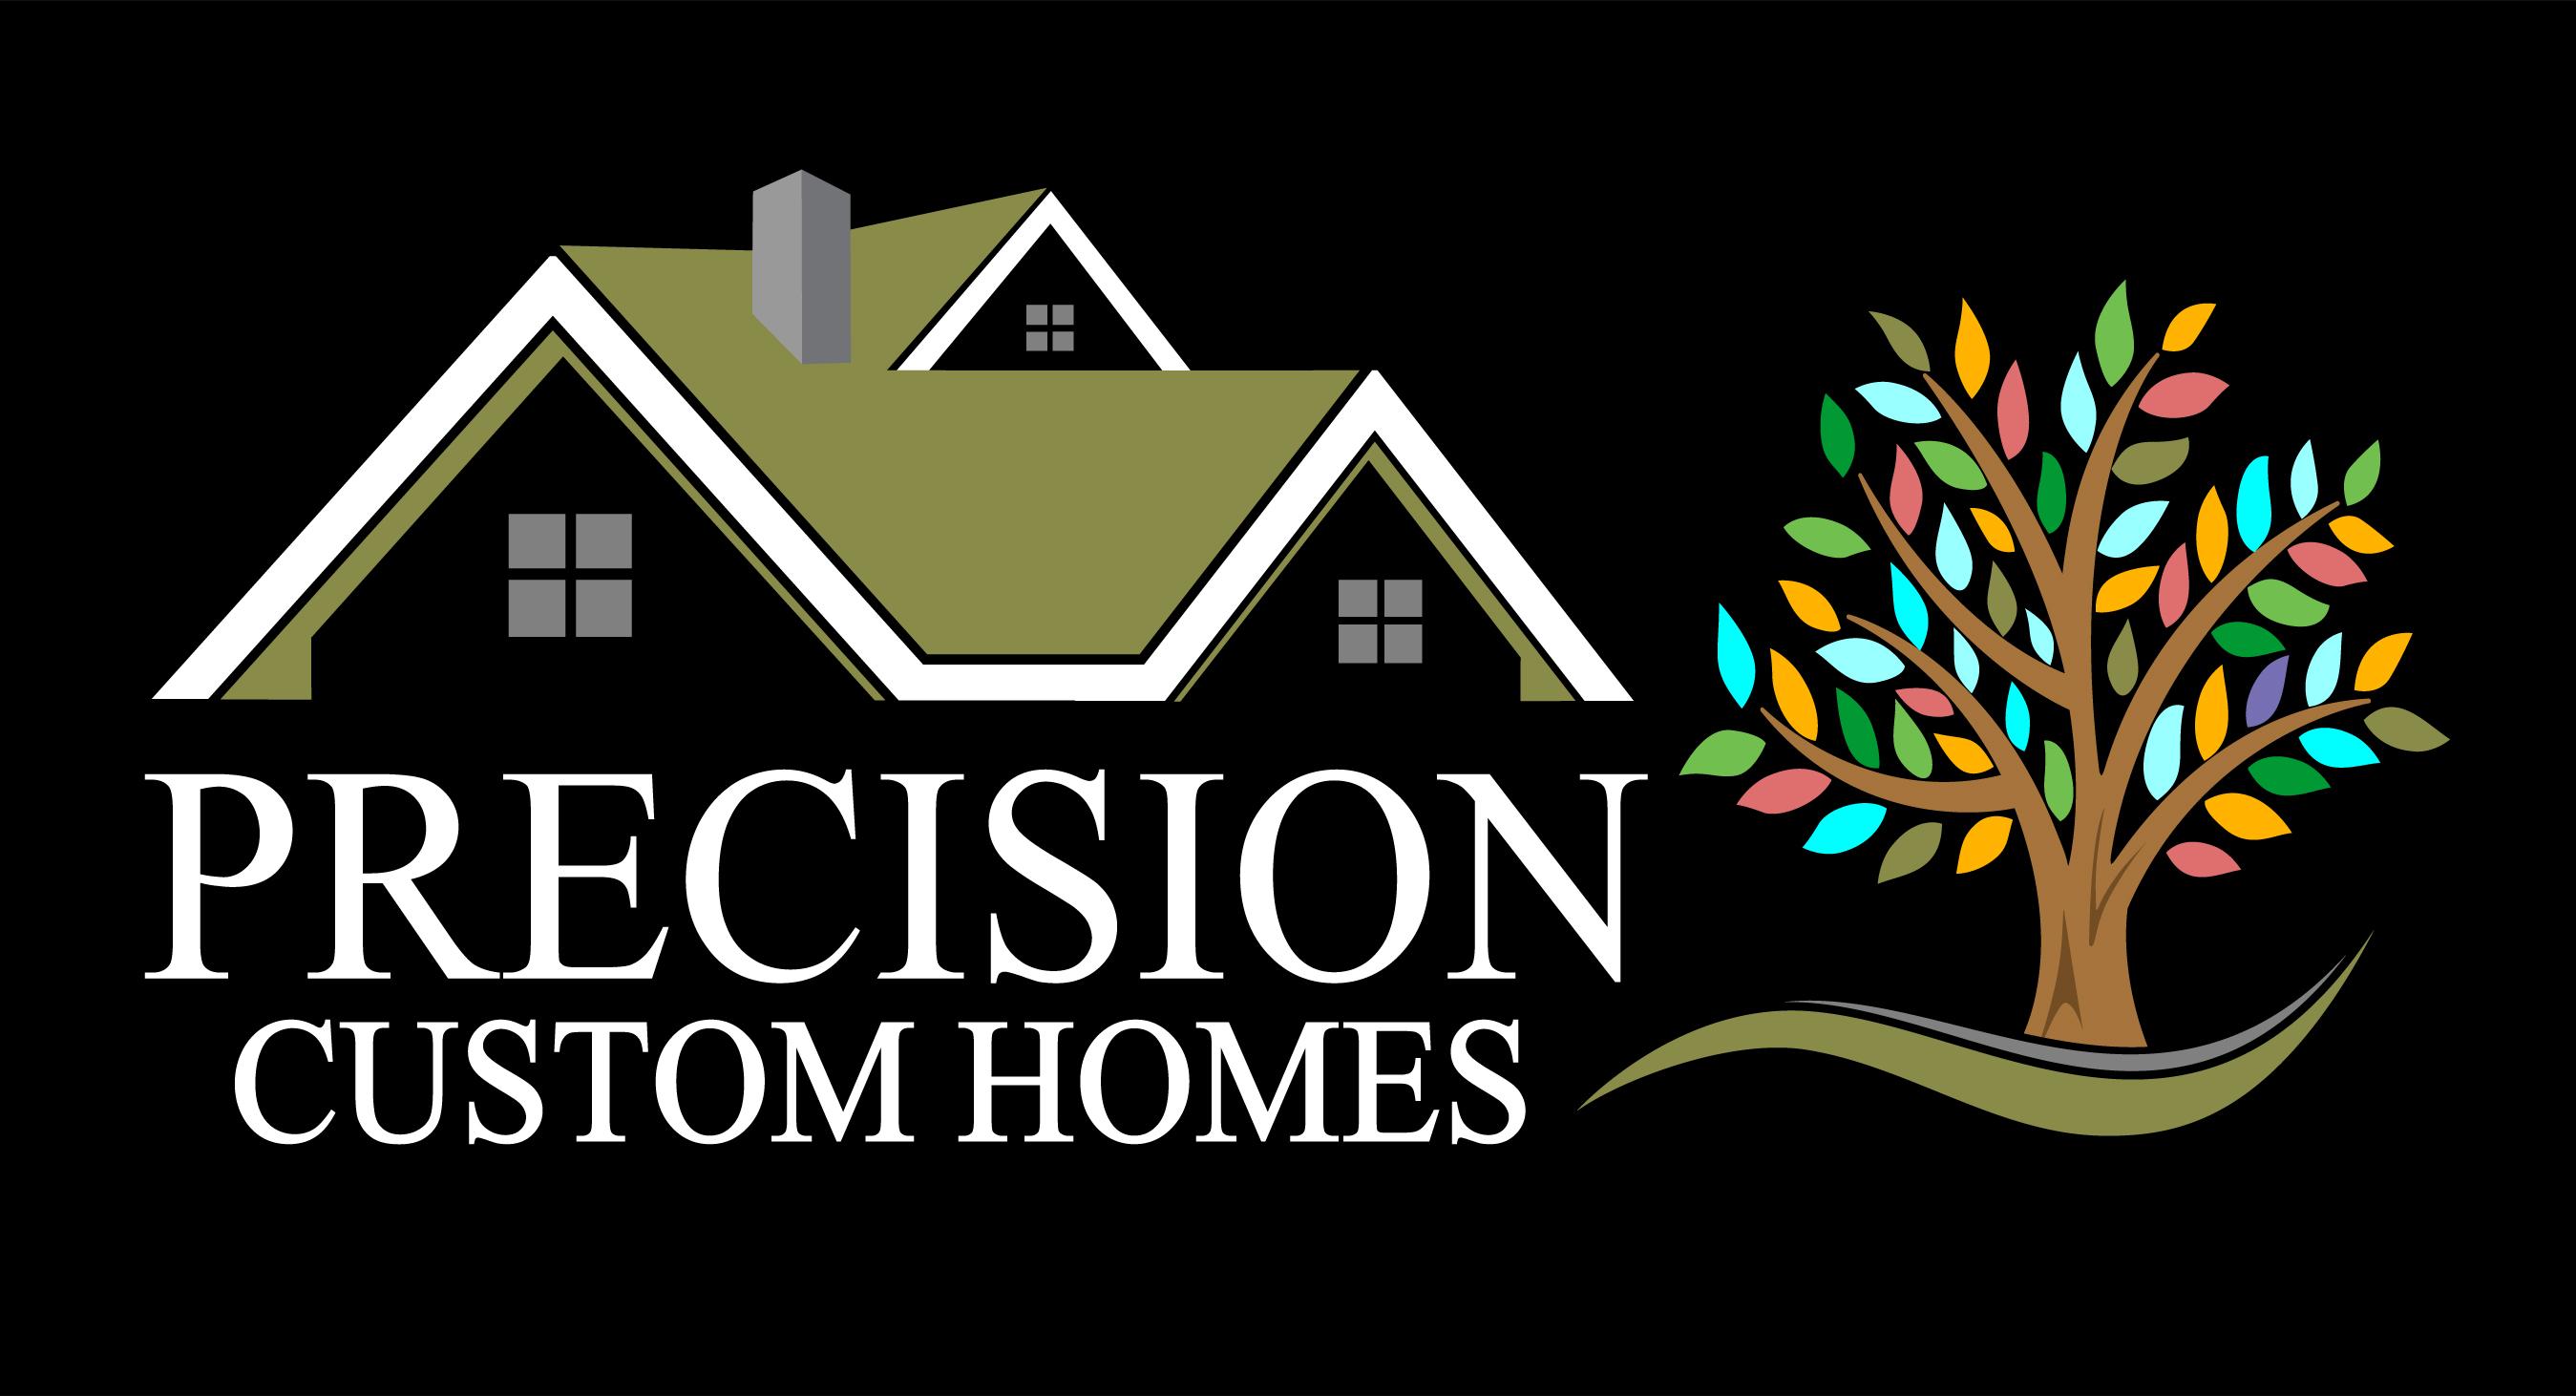 Precision Custom Homes